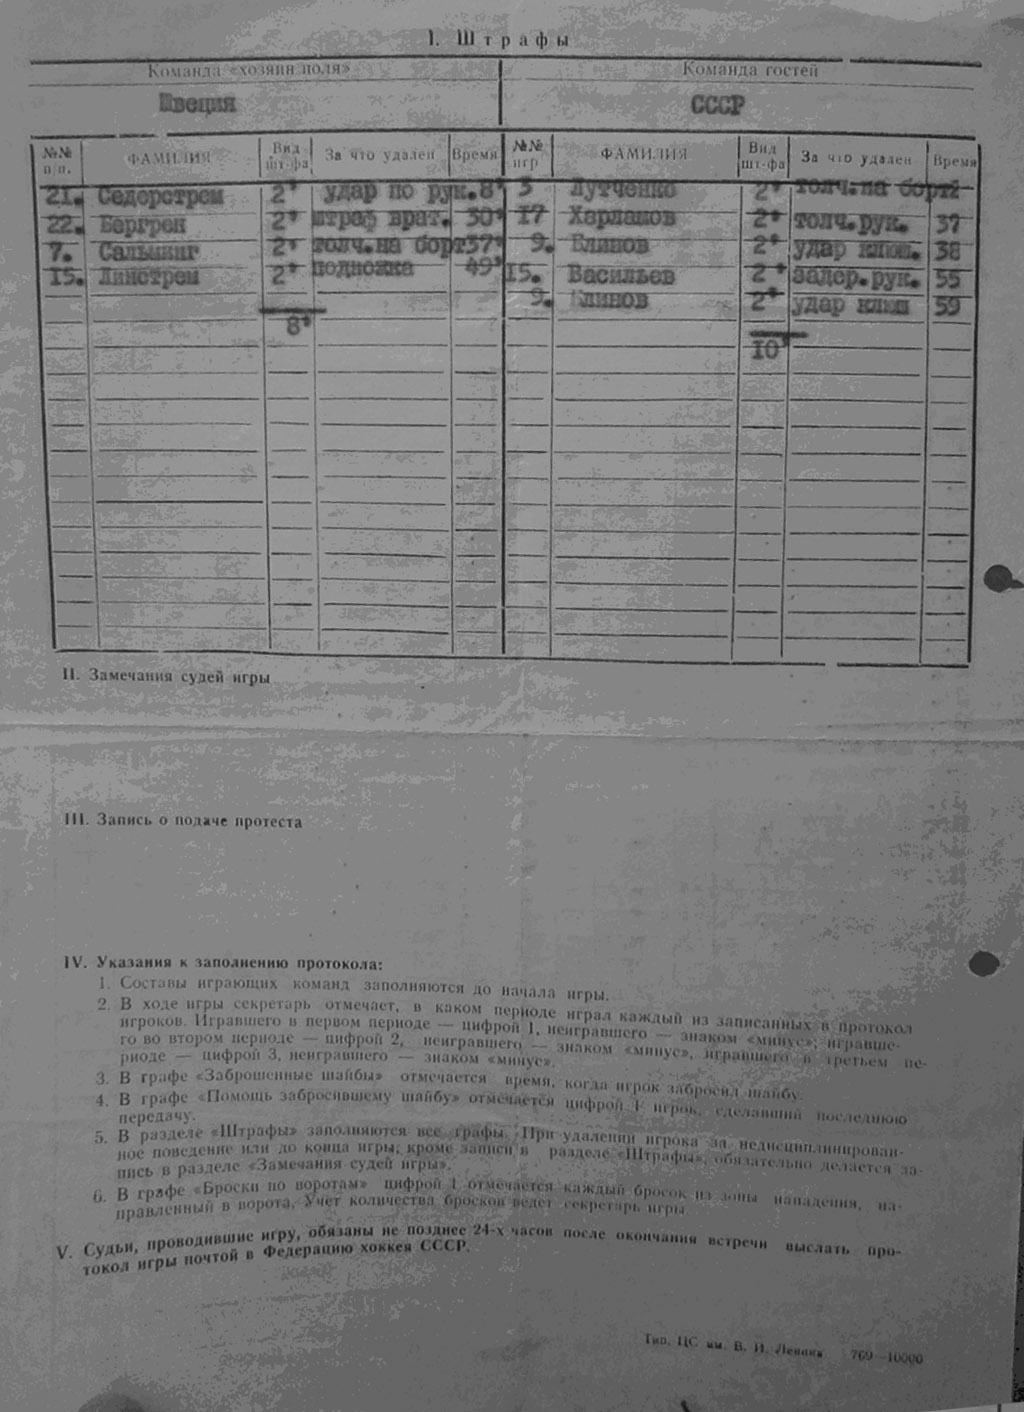 Izvestia 1971 SWE-SOV-1.jpg